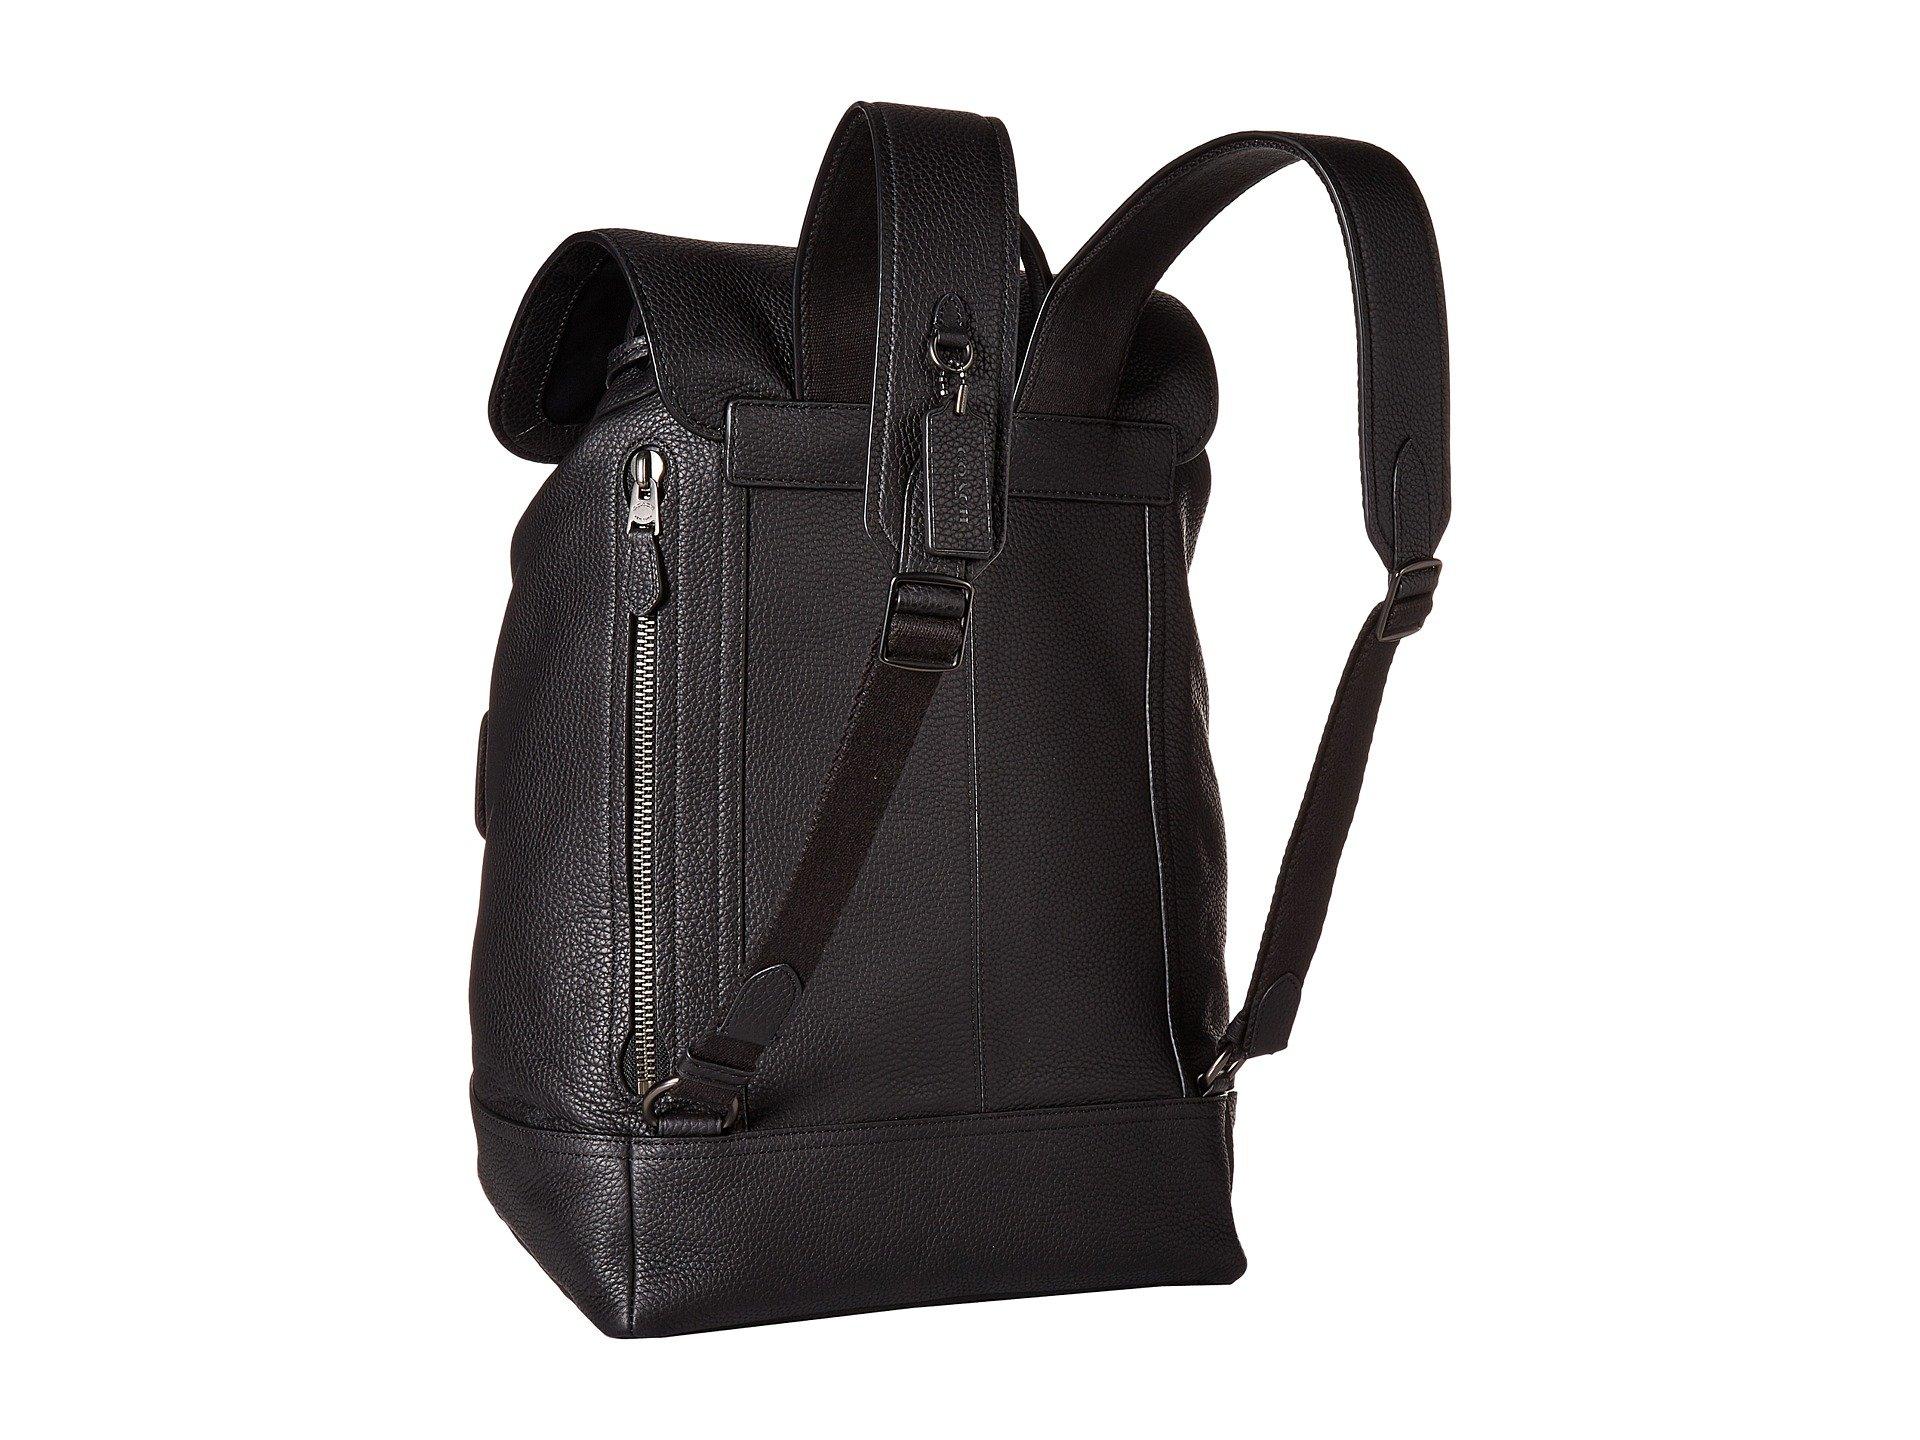 In Bleecker Ji Backpack black Pebbled Leather Coach xwH4Uq4